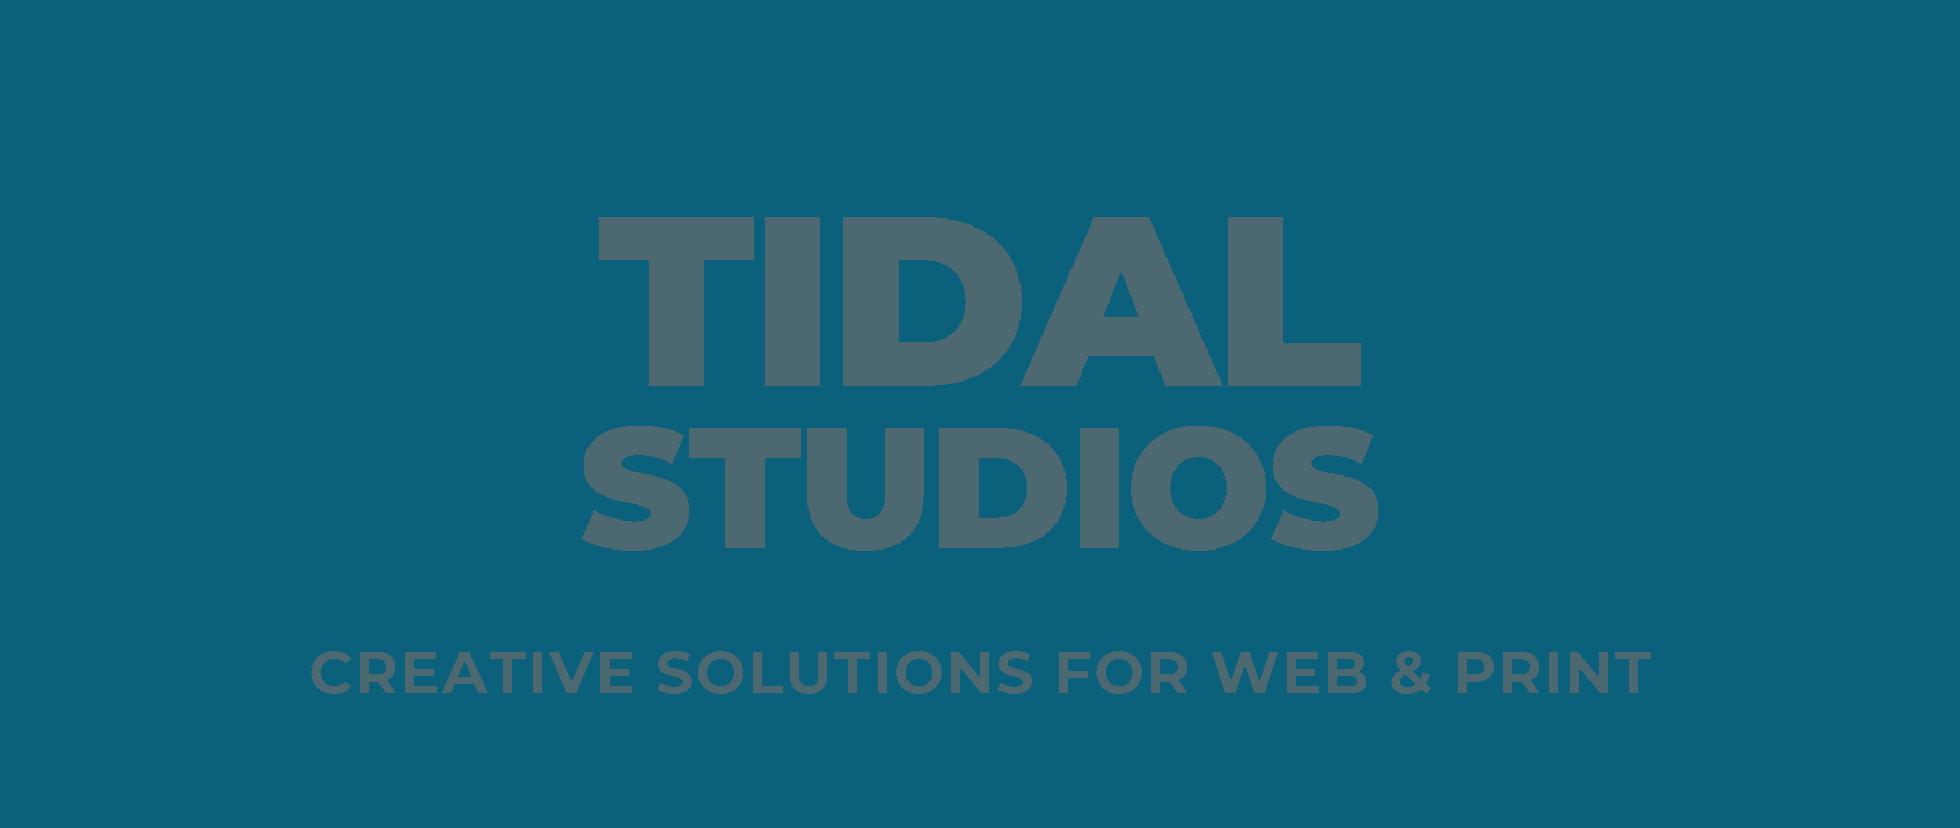 Tidal Studios - Creative Web Design & Print Solutions